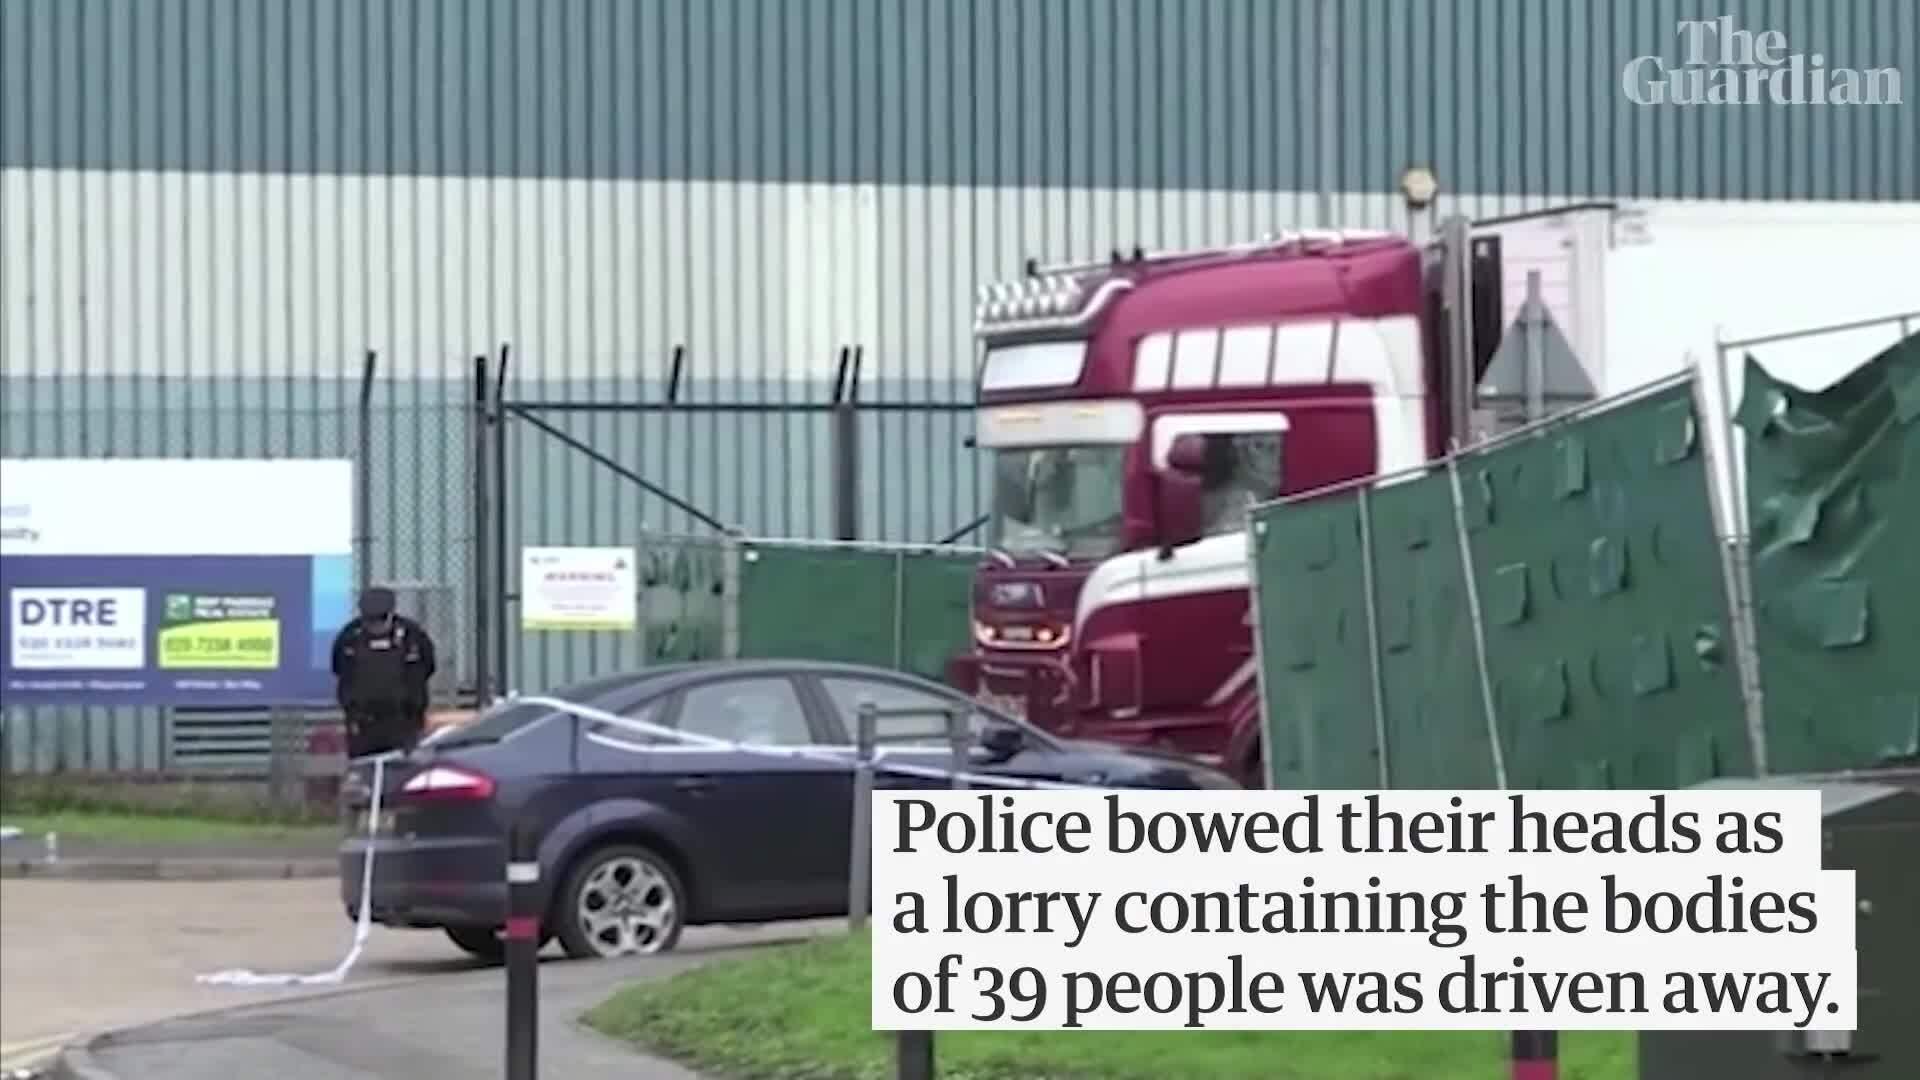 Hành động 'ấm lòng' của cảnh sát và người Anh trước nạn nhân xấu số